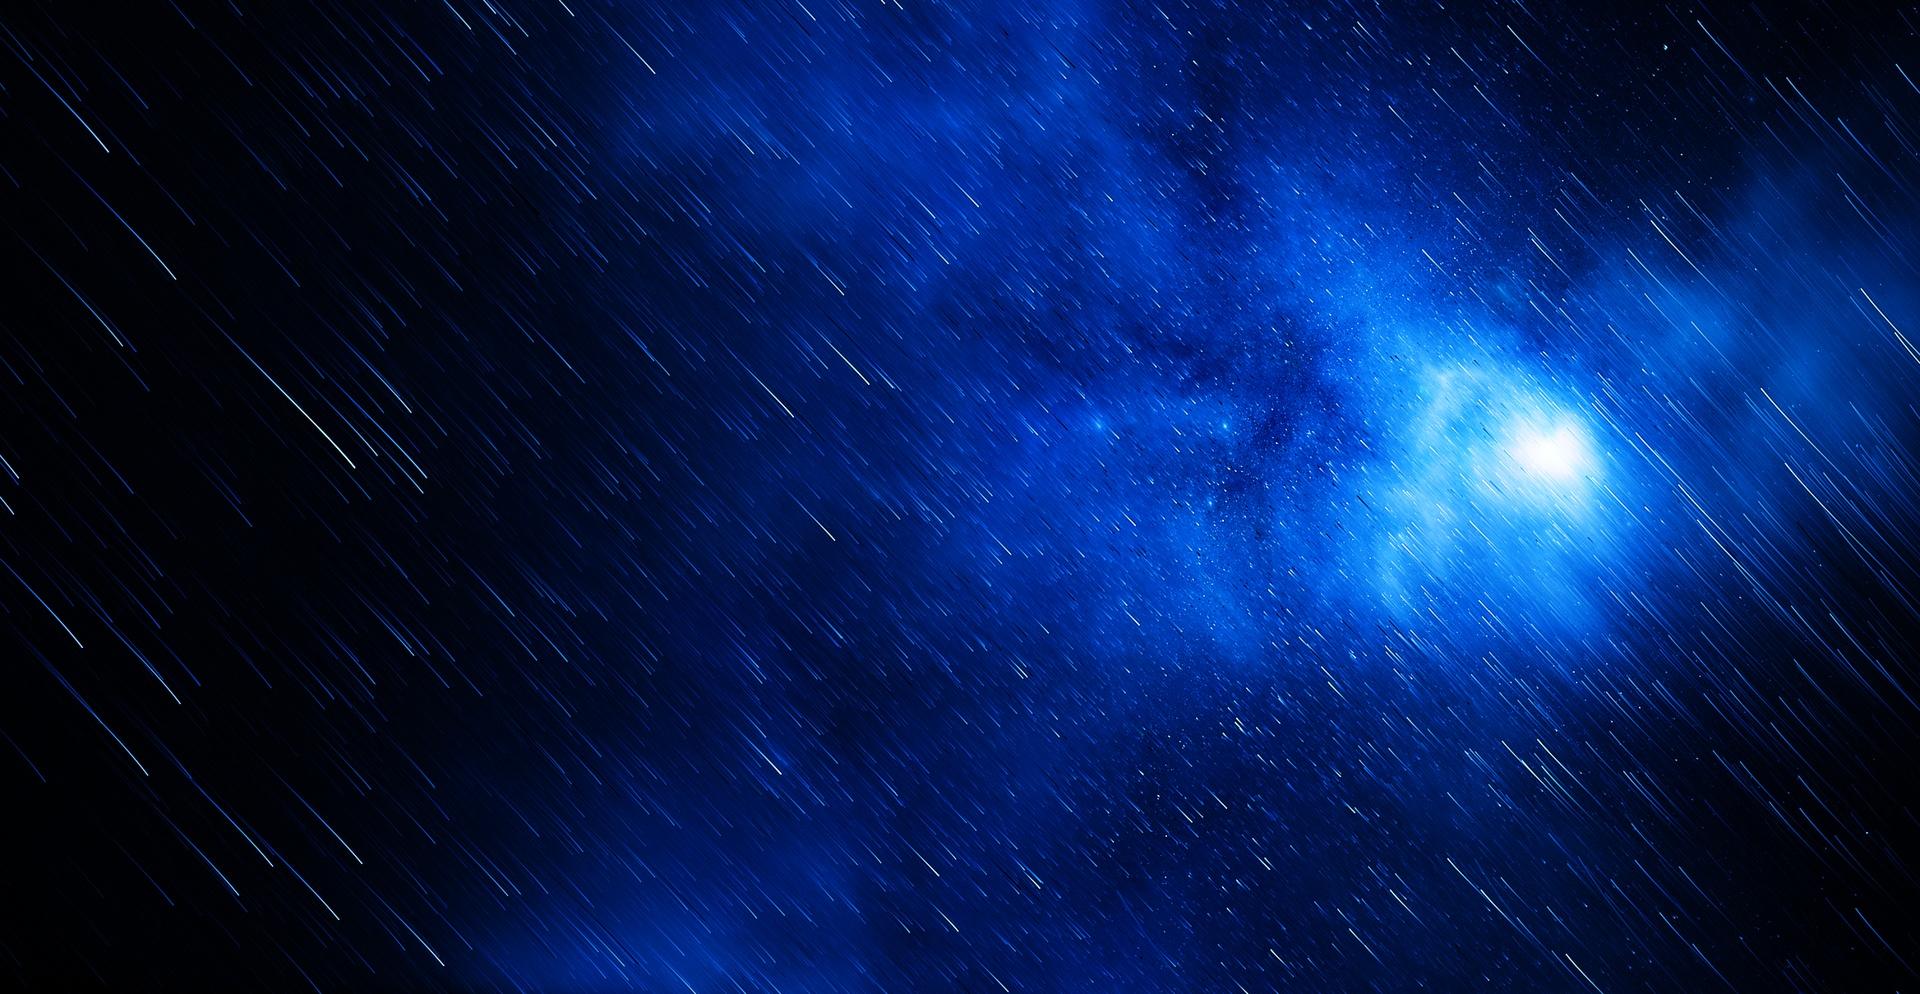 hình ảnh sao băng đẹp